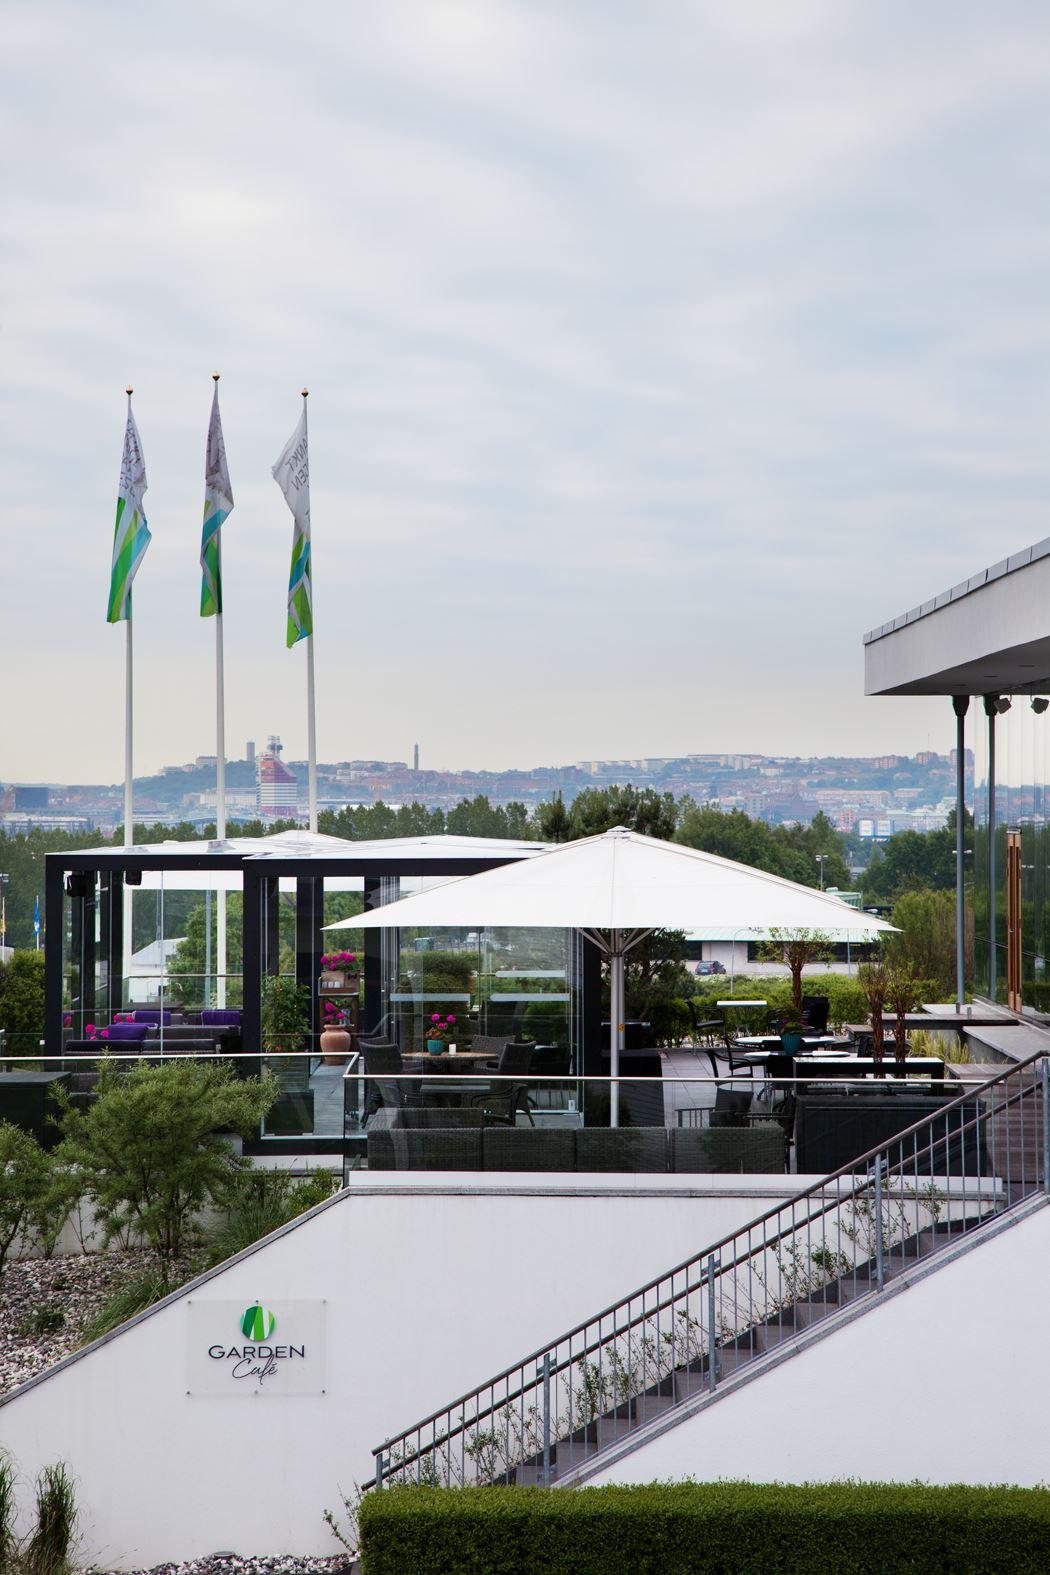 Sankt Jörgen Park